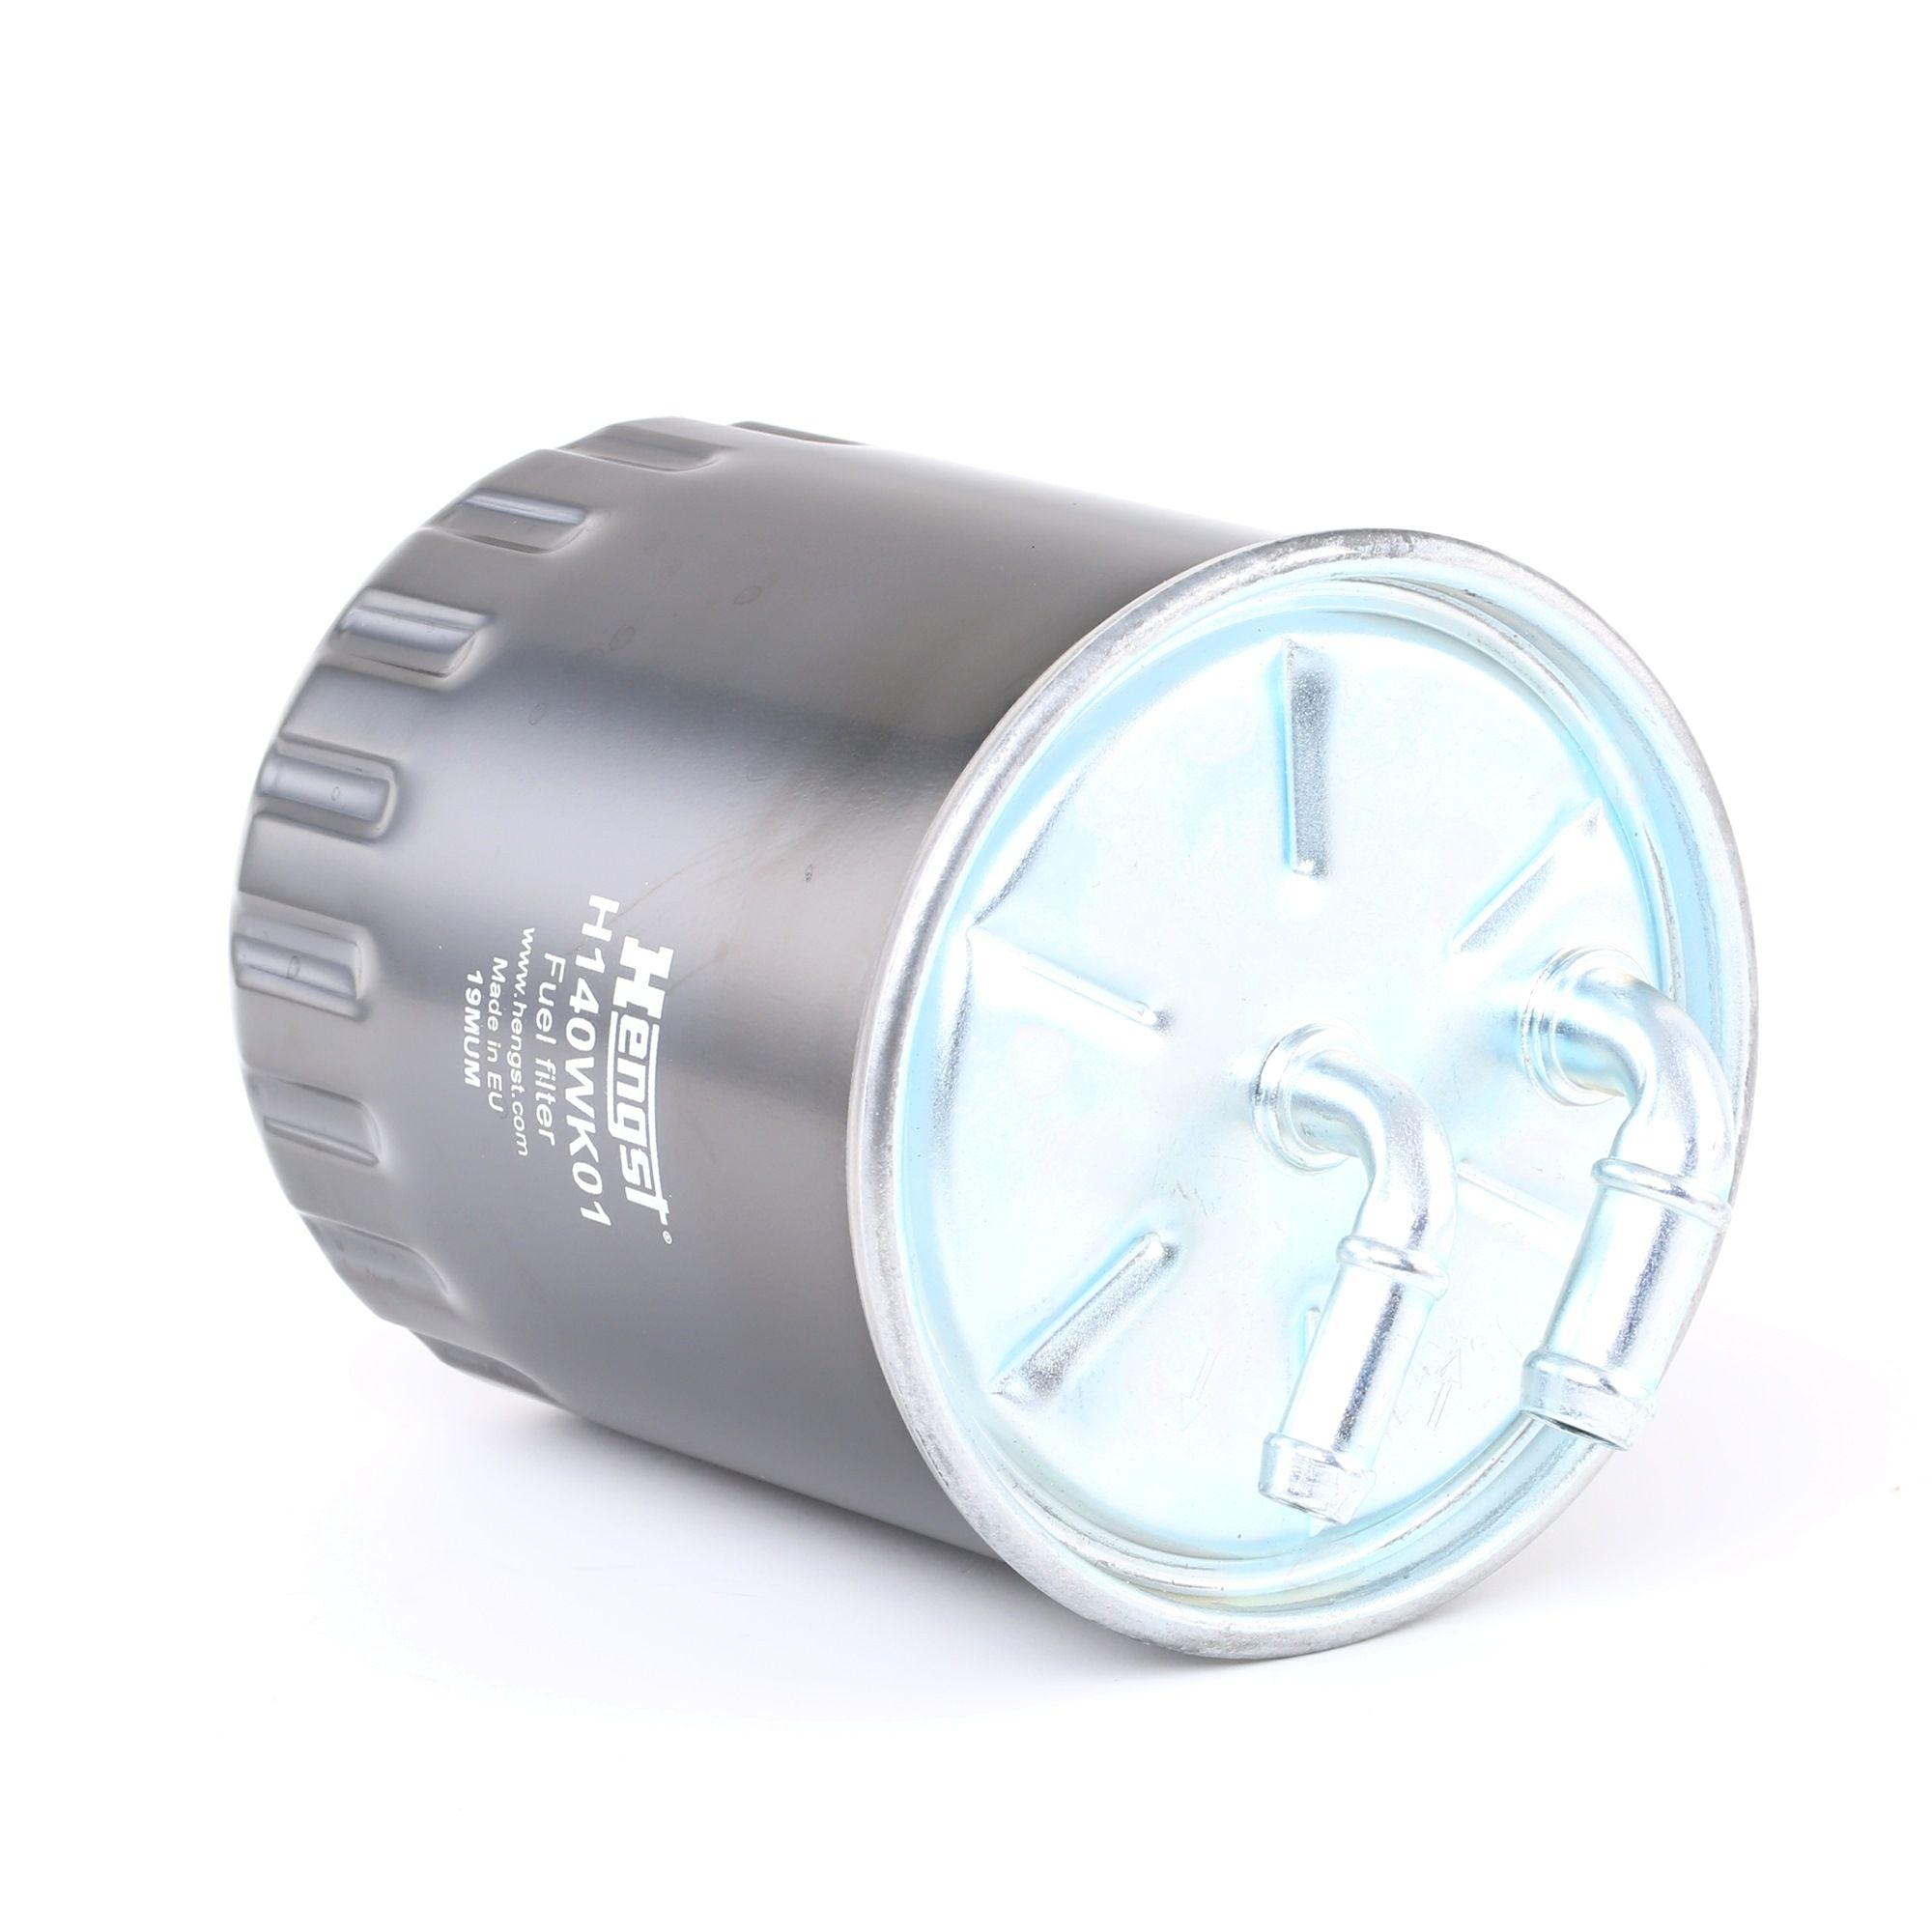 Achetez Filtre à carburant HENGST FILTER H140WK01 (Hauteur: 127mm) à un rapport qualité-prix exceptionnel